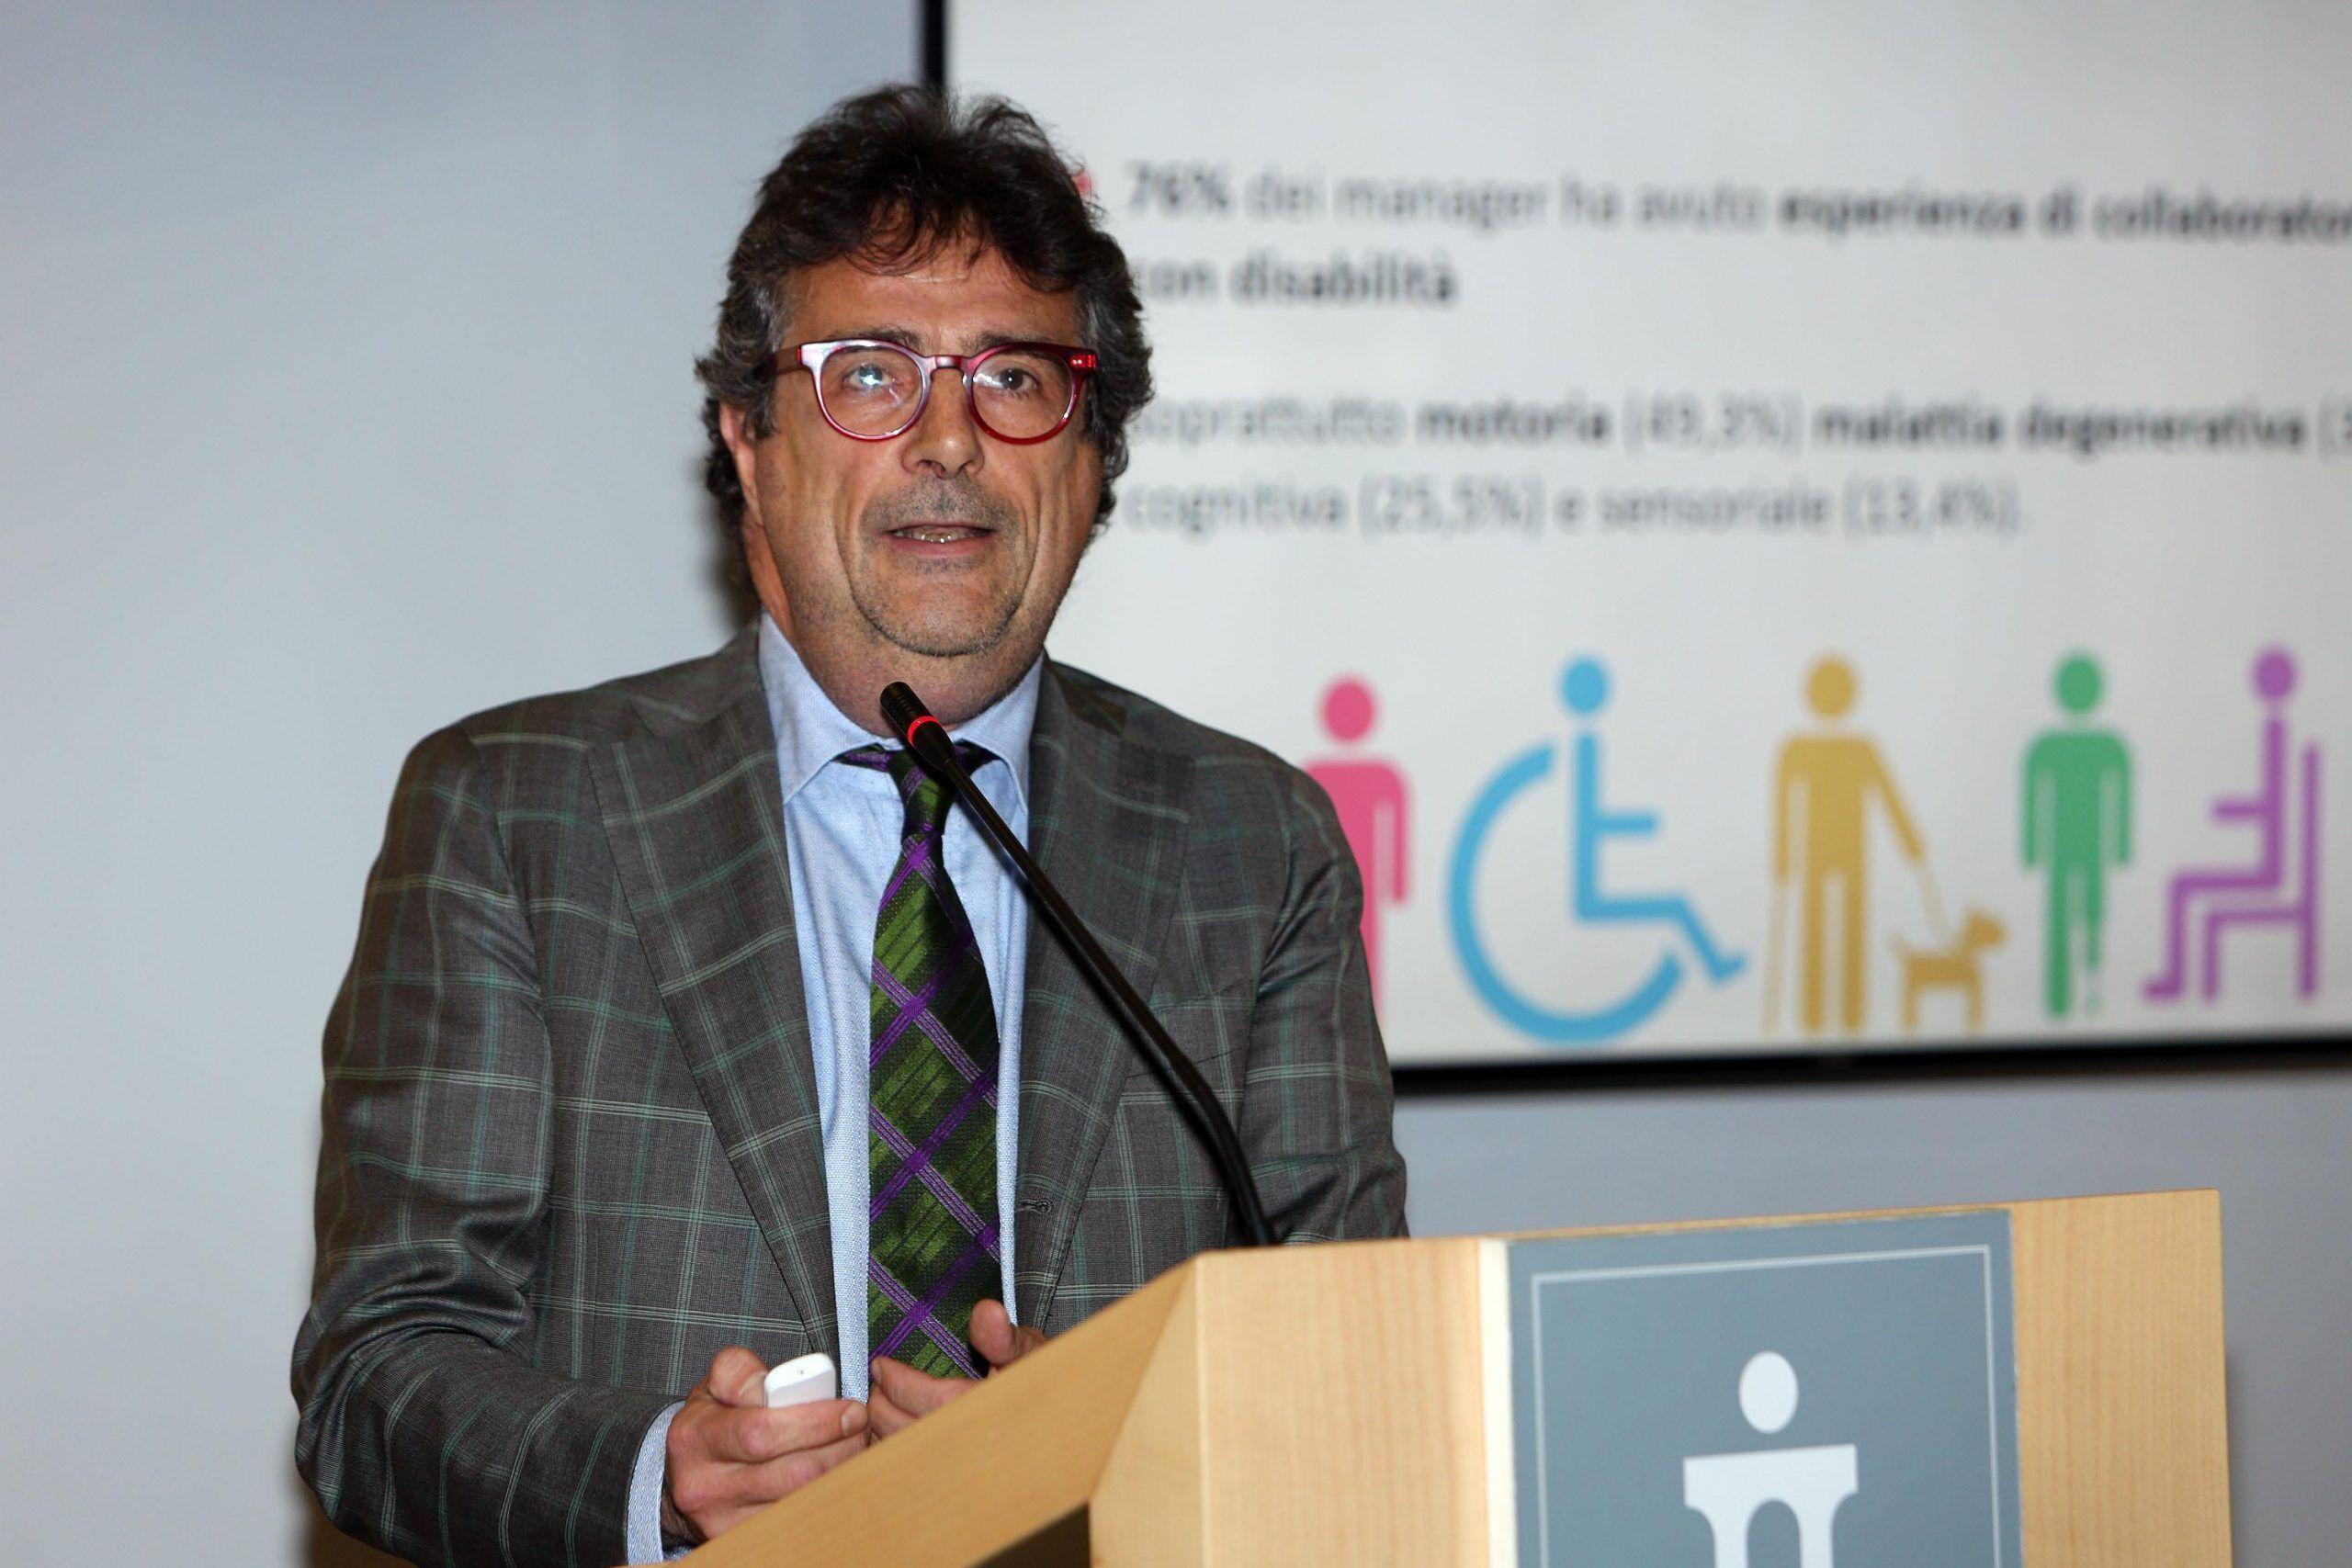 Convegno Disabilita e Lavoro La sfida dei manager organizzato da Aism e Prioritalia